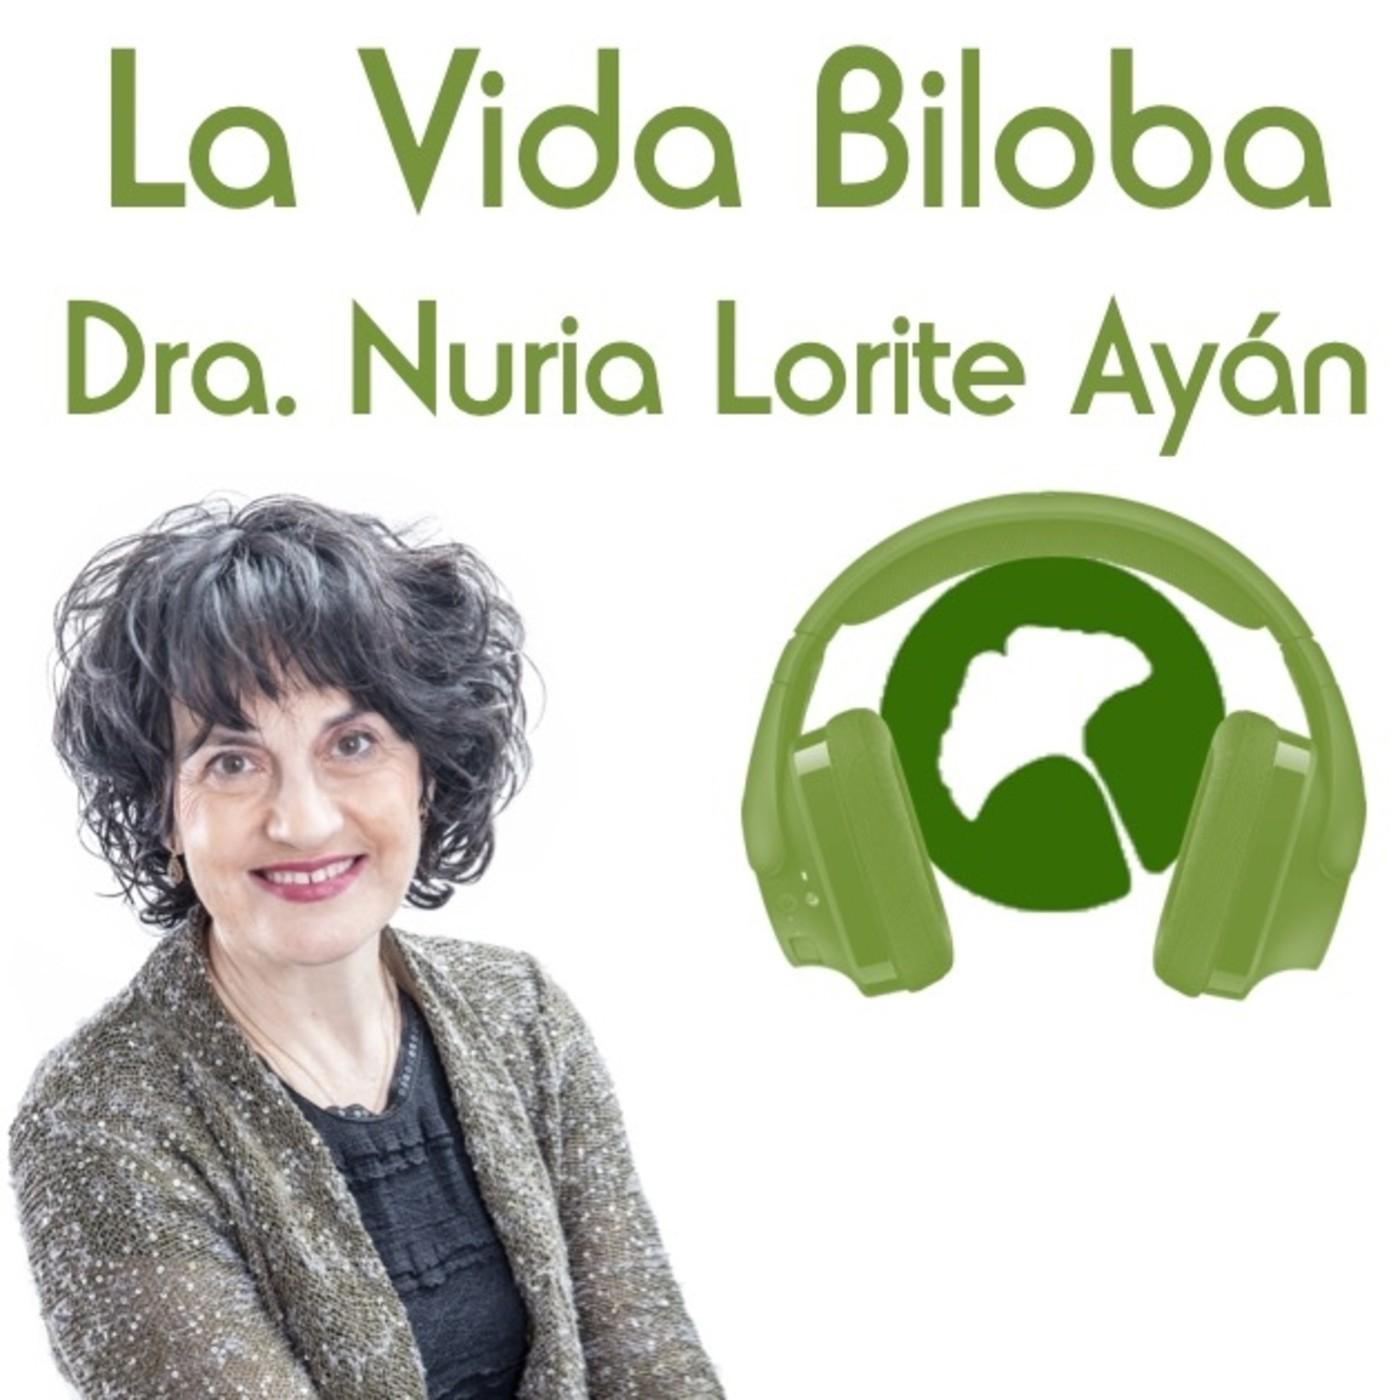 LVB122 Dra. Lorite, Ajo, Kiwi, cambios primavera, El Caso, consultas, tradición San Antonio, ¿encontrar novio?